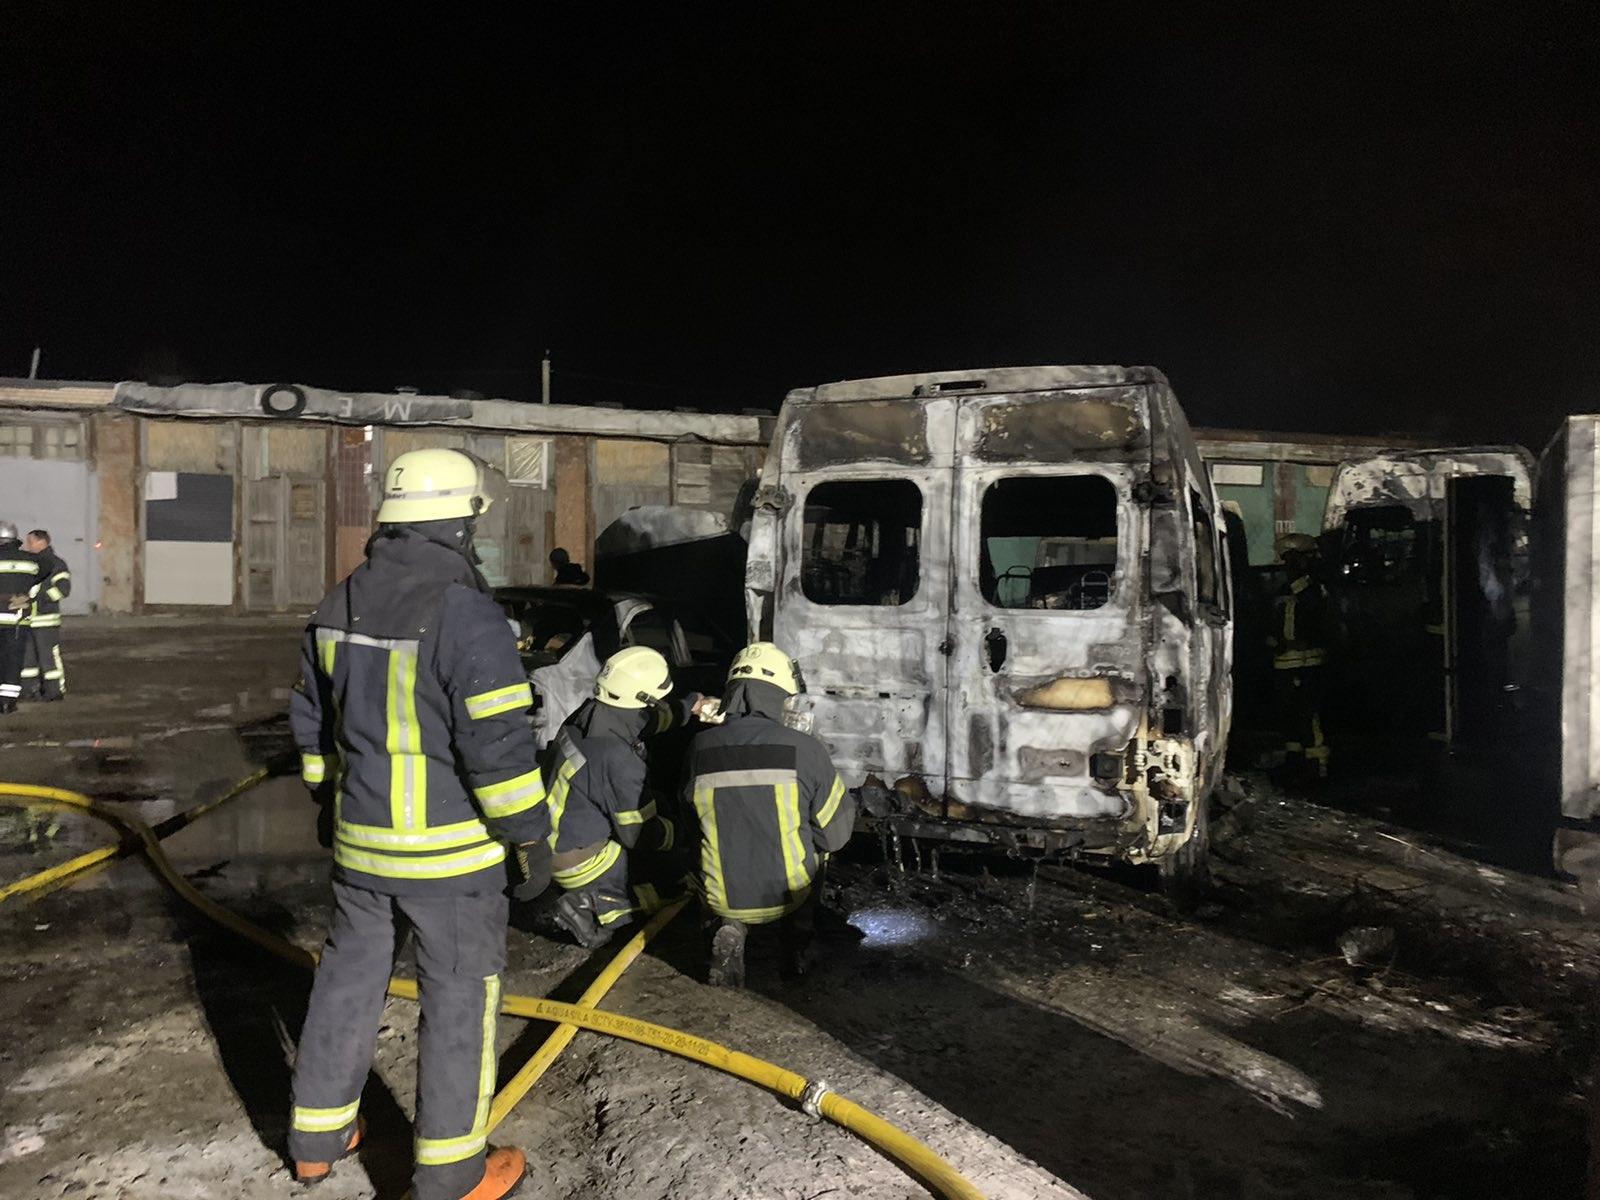 В результате пожара сгорели четыре микроавтобуса